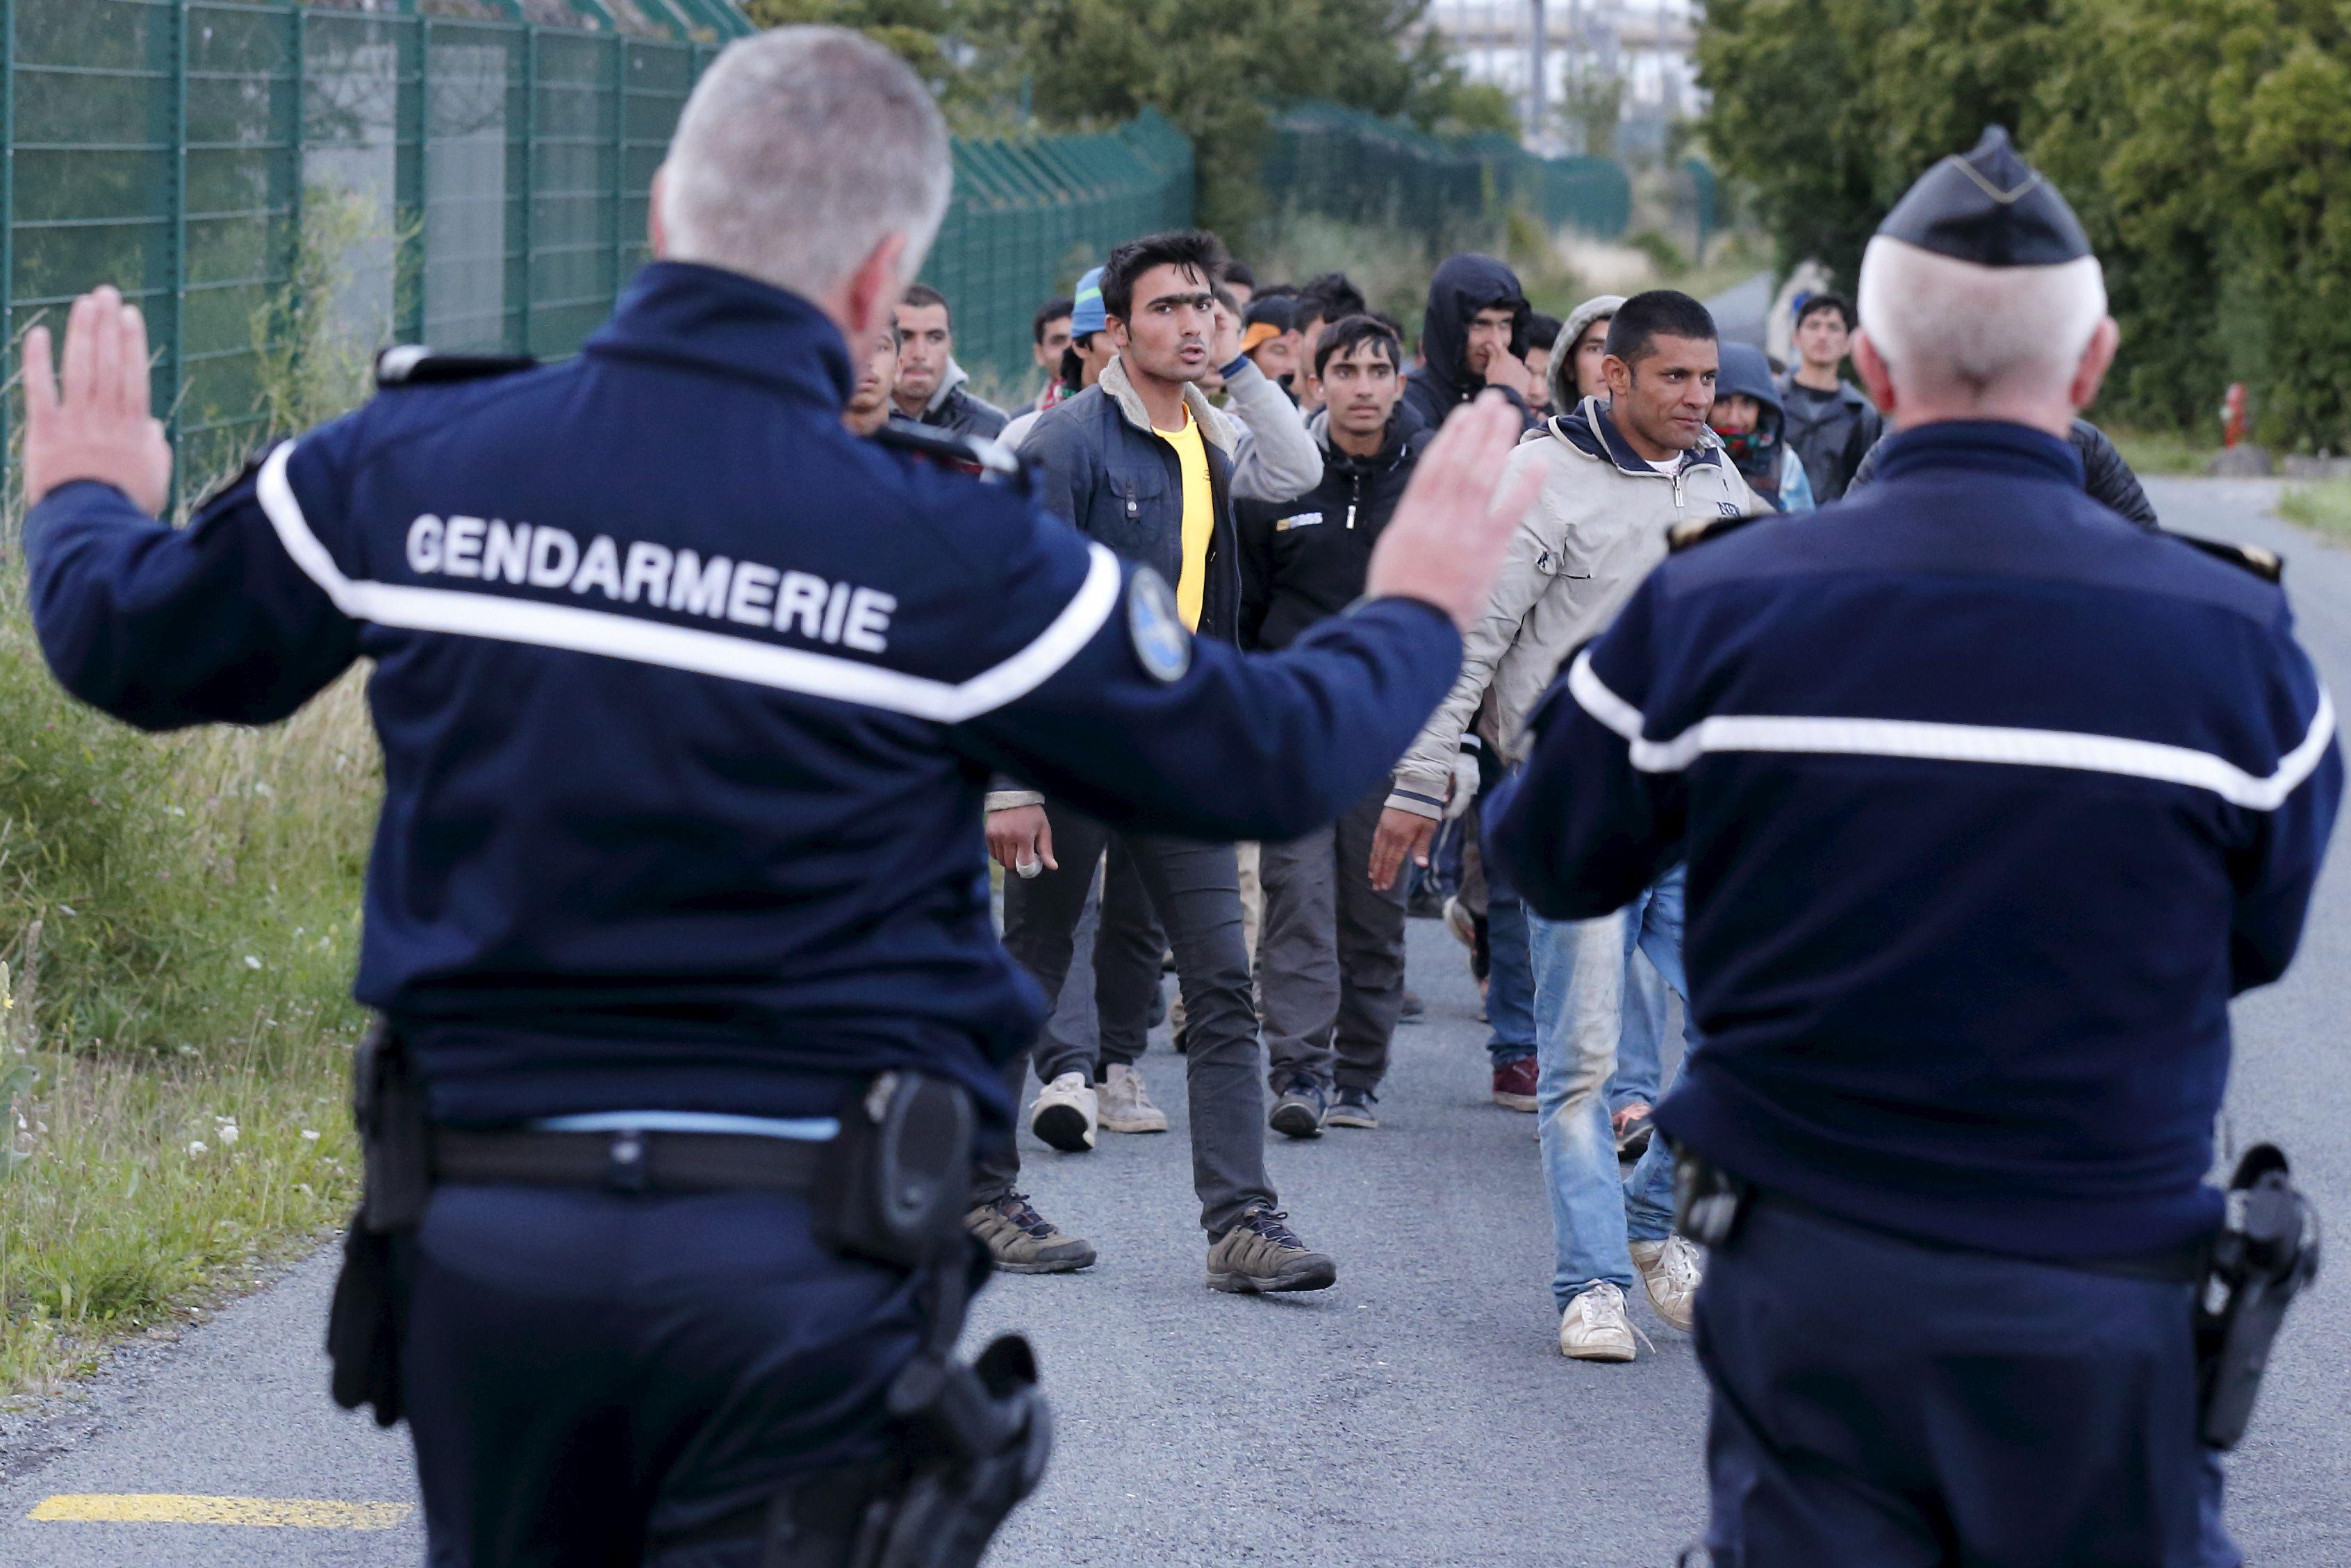 Dérapages dans la manifestation de soutien aux migrants à Calais : pourquoi la responsabilité de l'Etat est clairement en cause